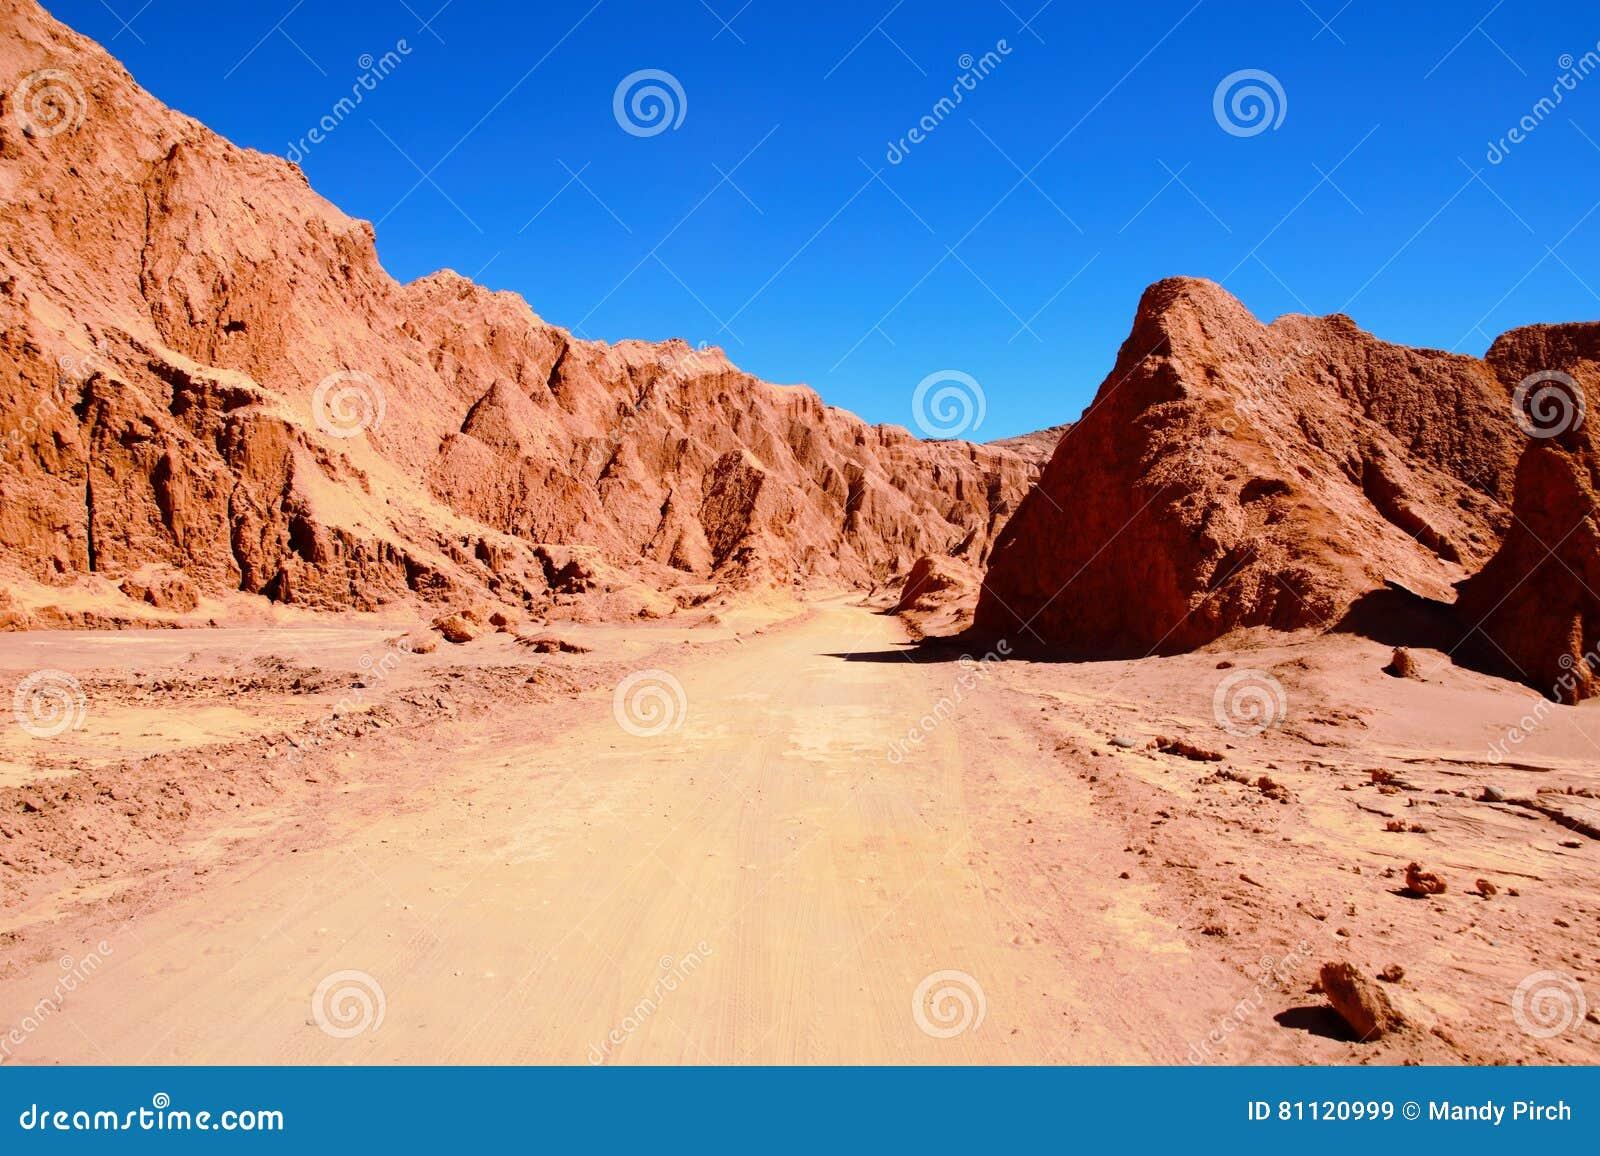 Valle De La Muerte Stock Image Image Of Chile Park 81120999